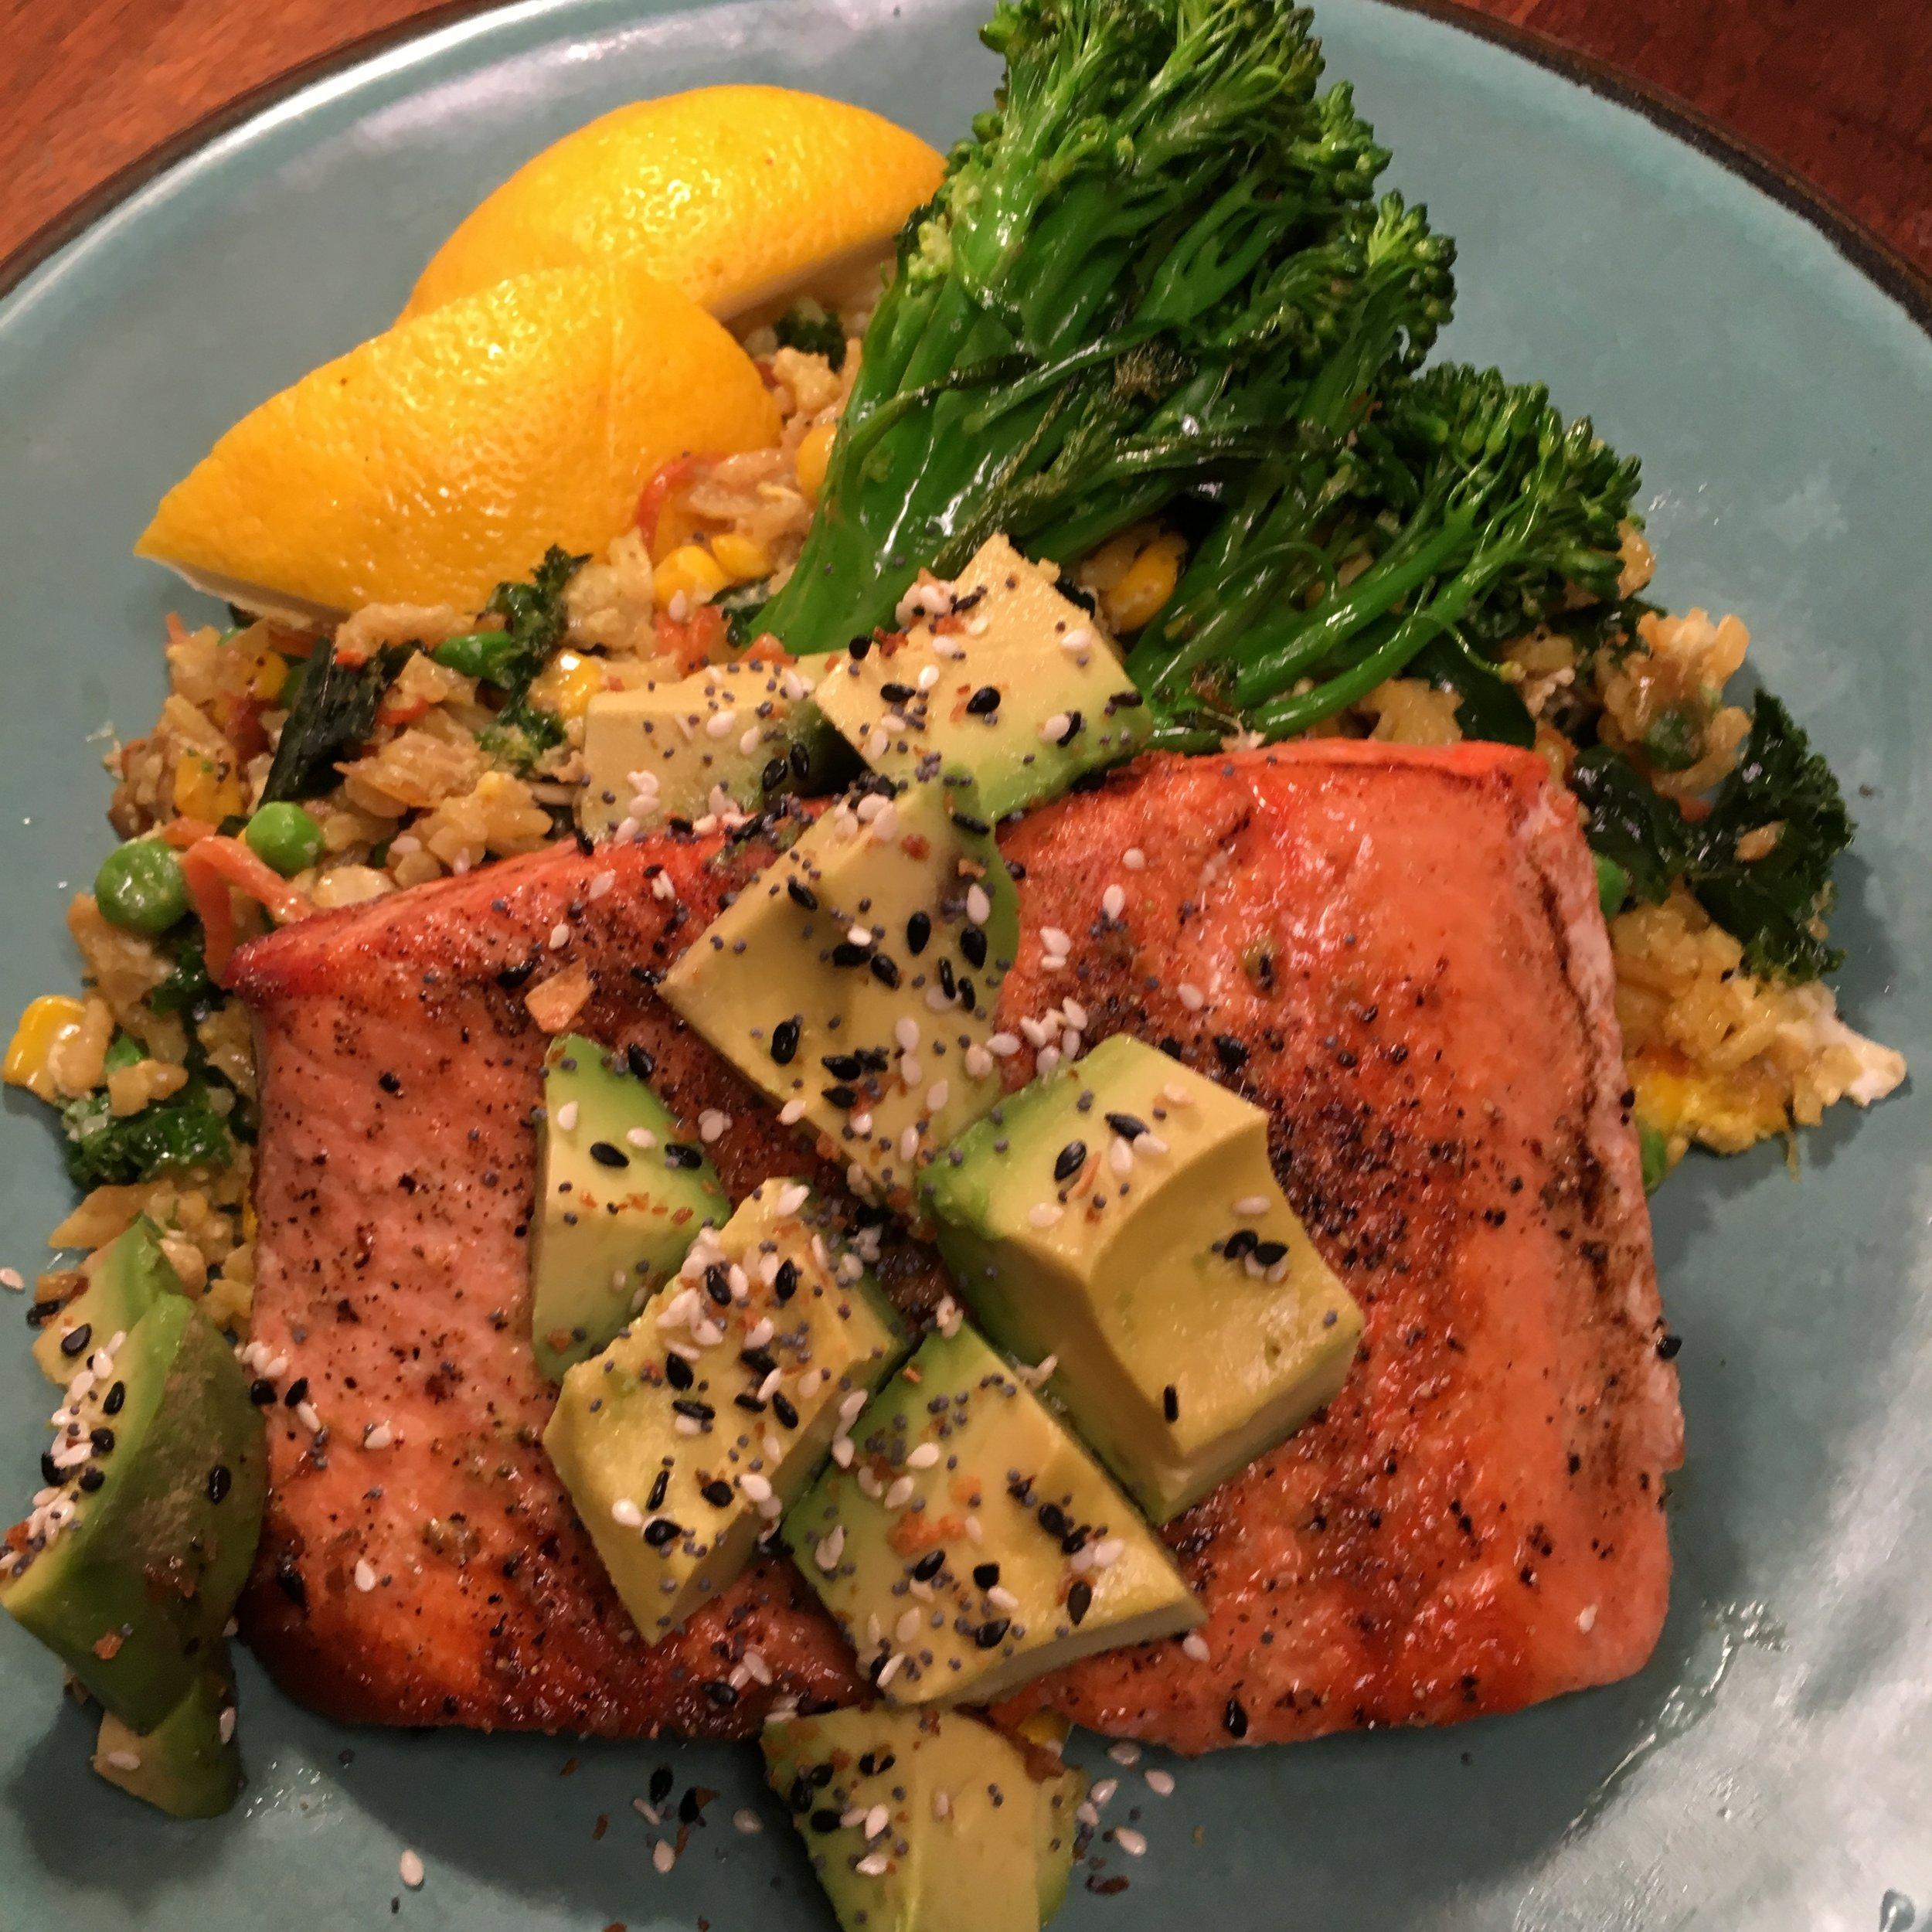 Seared Salmon Over Saffron Rice W Avocado & Broccoli